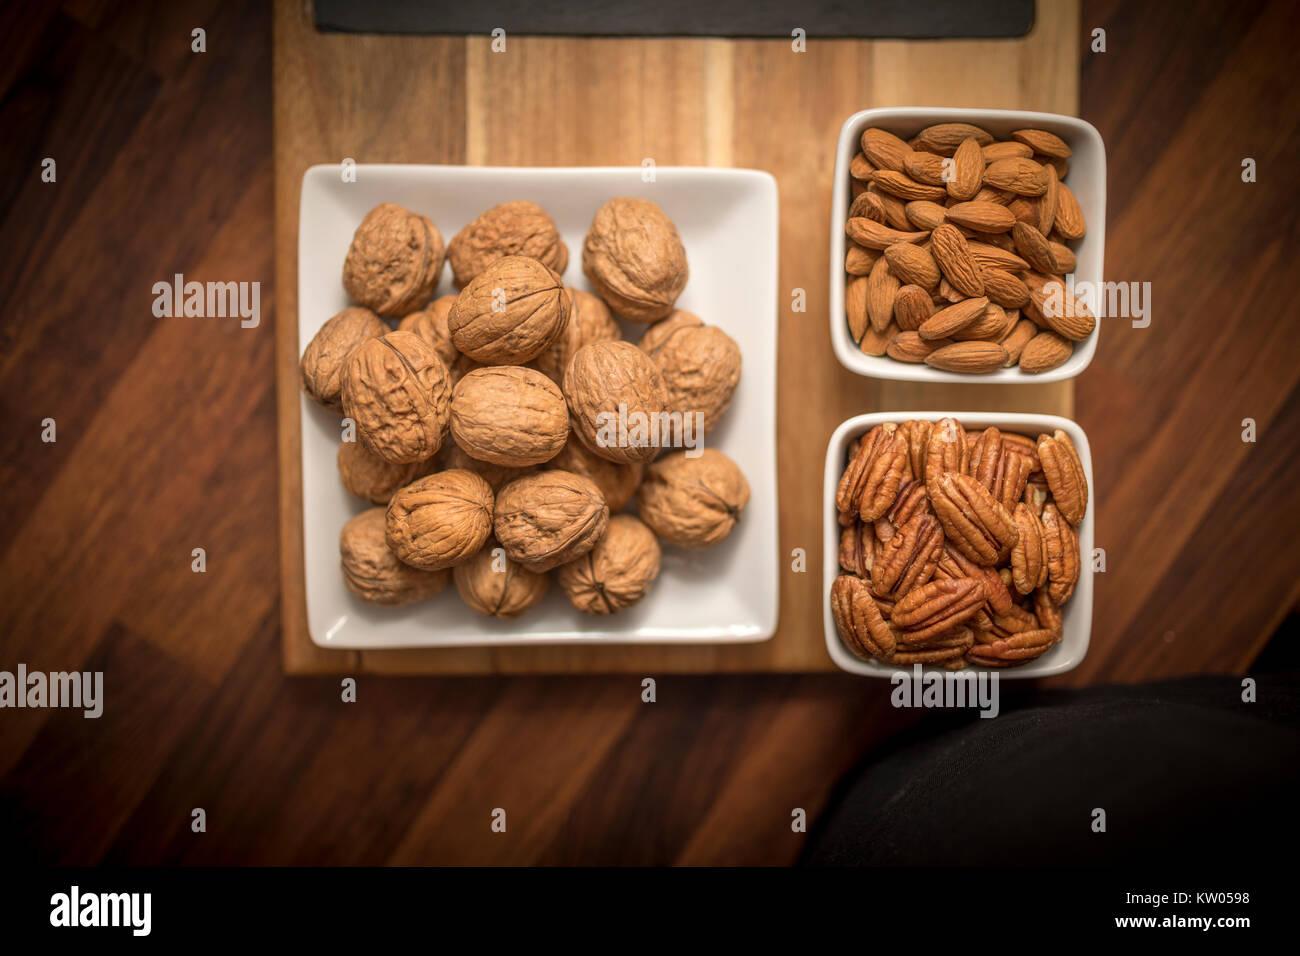 Un choix sain et nutritif des fruits secs sur un sol en bois servant de sélection avec les noix, pacanes, amandes Photo Stock